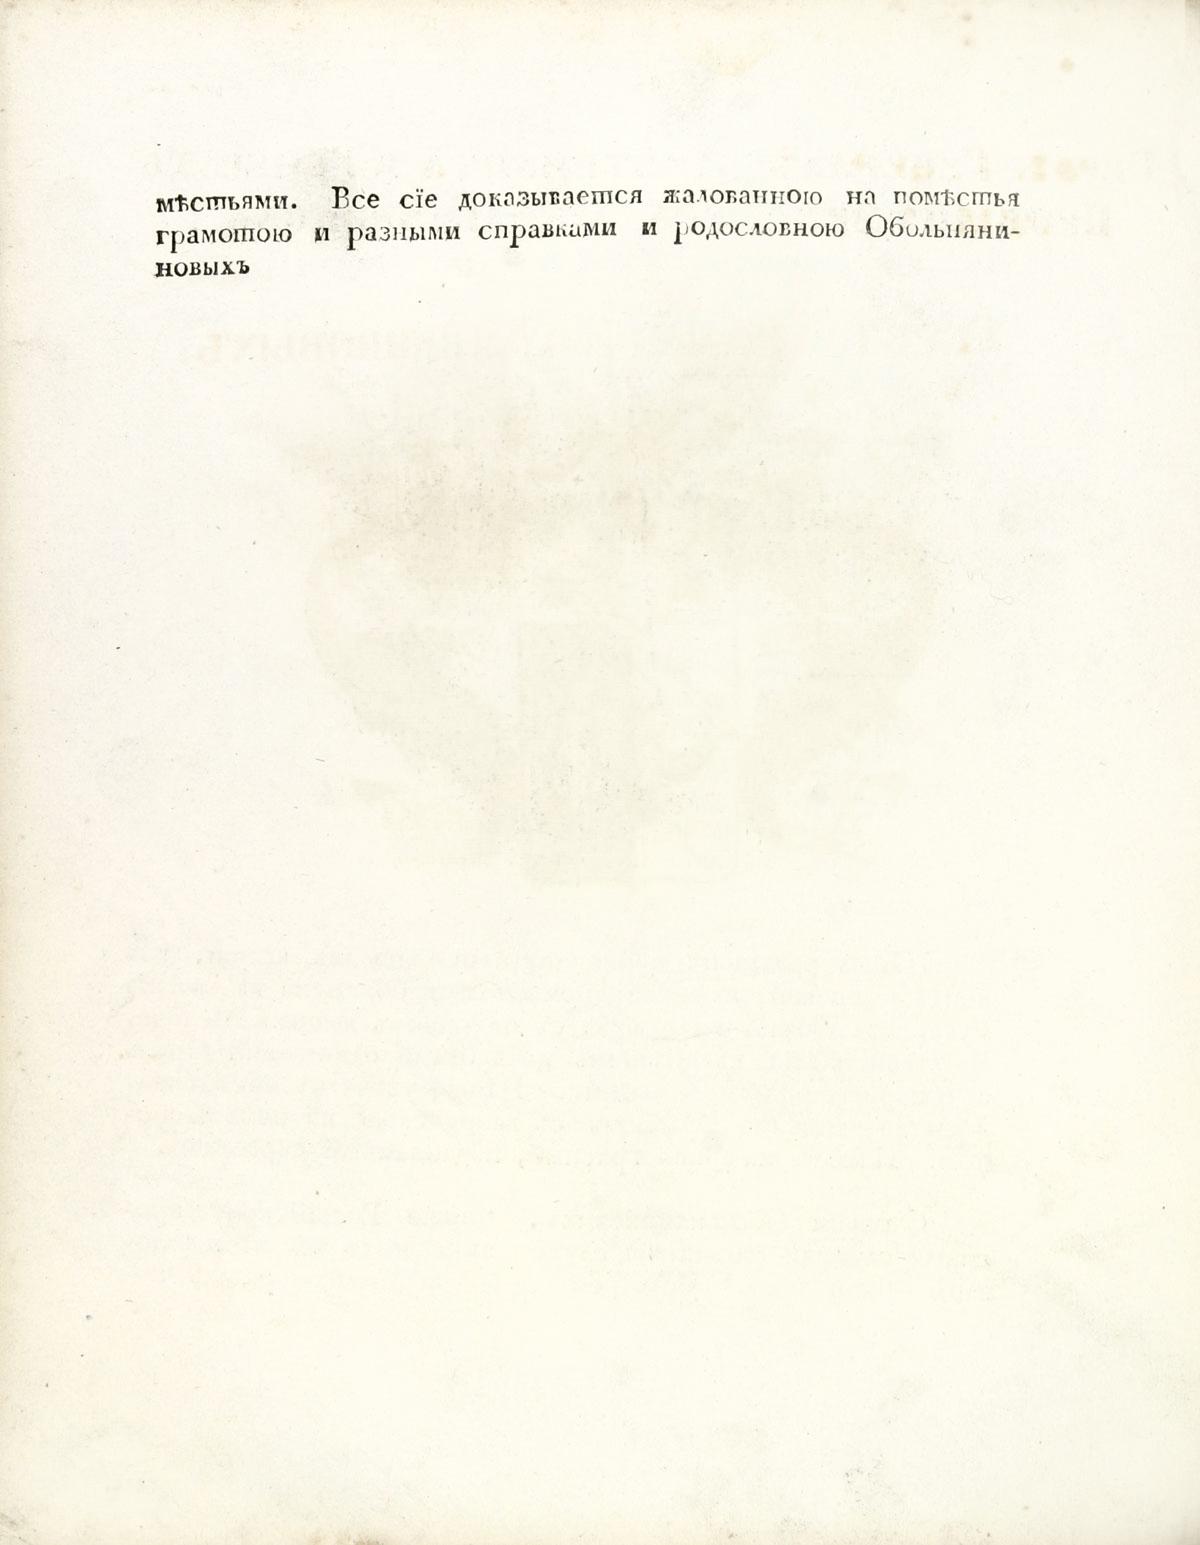 Герб рода Обольняниновых, стр. 2